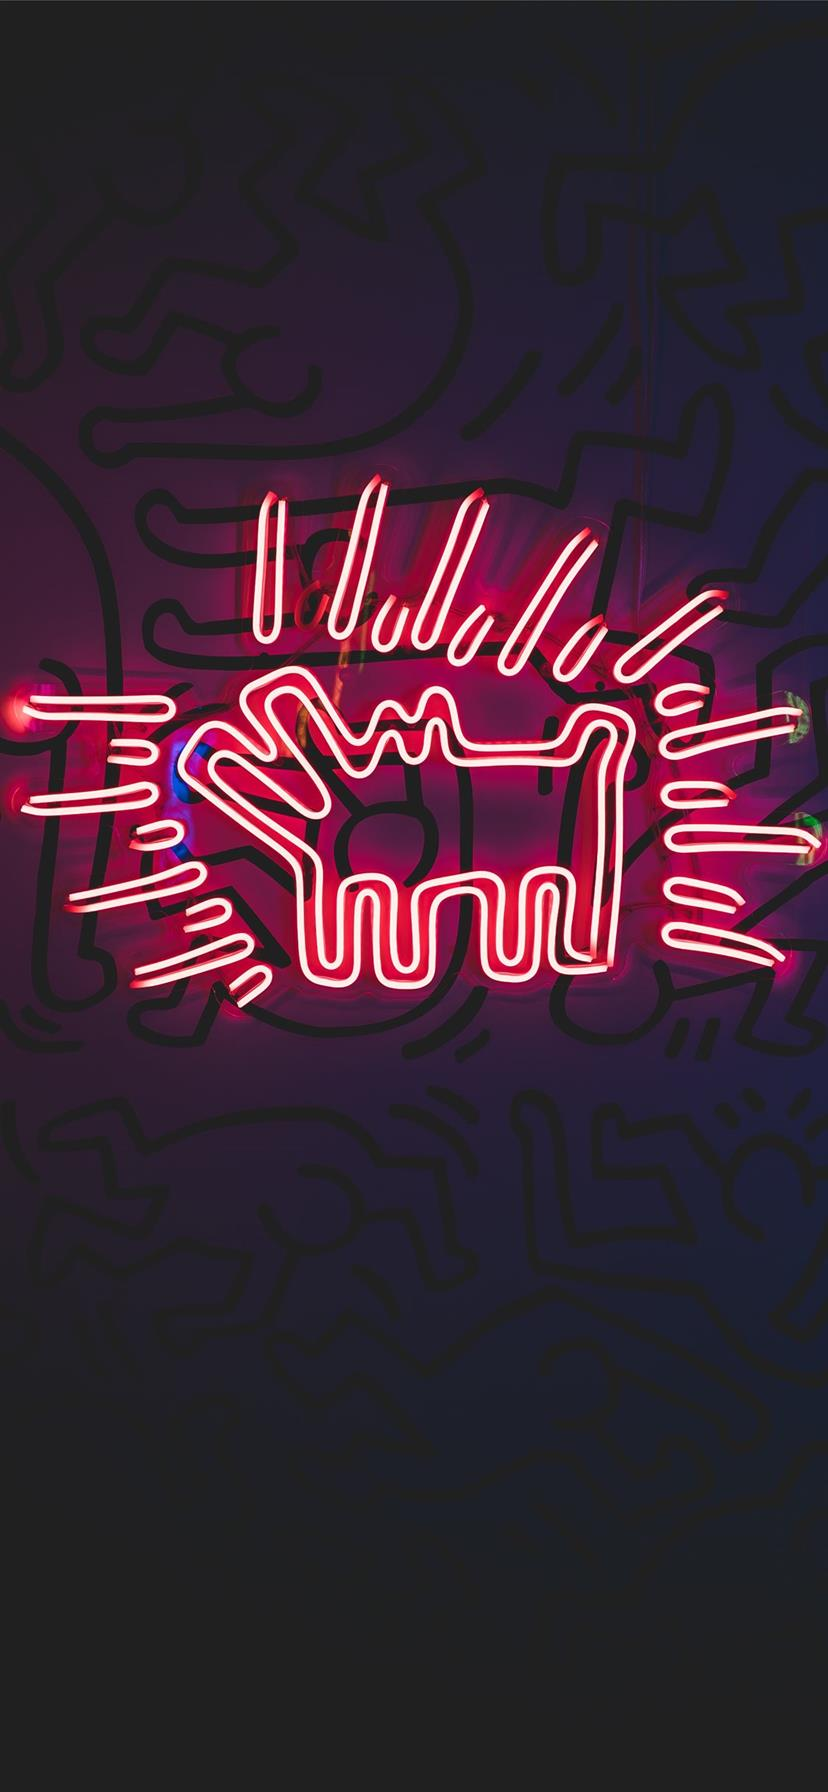 Iphone 11 Wallpaper Iphone 11 Wallpaper Neon